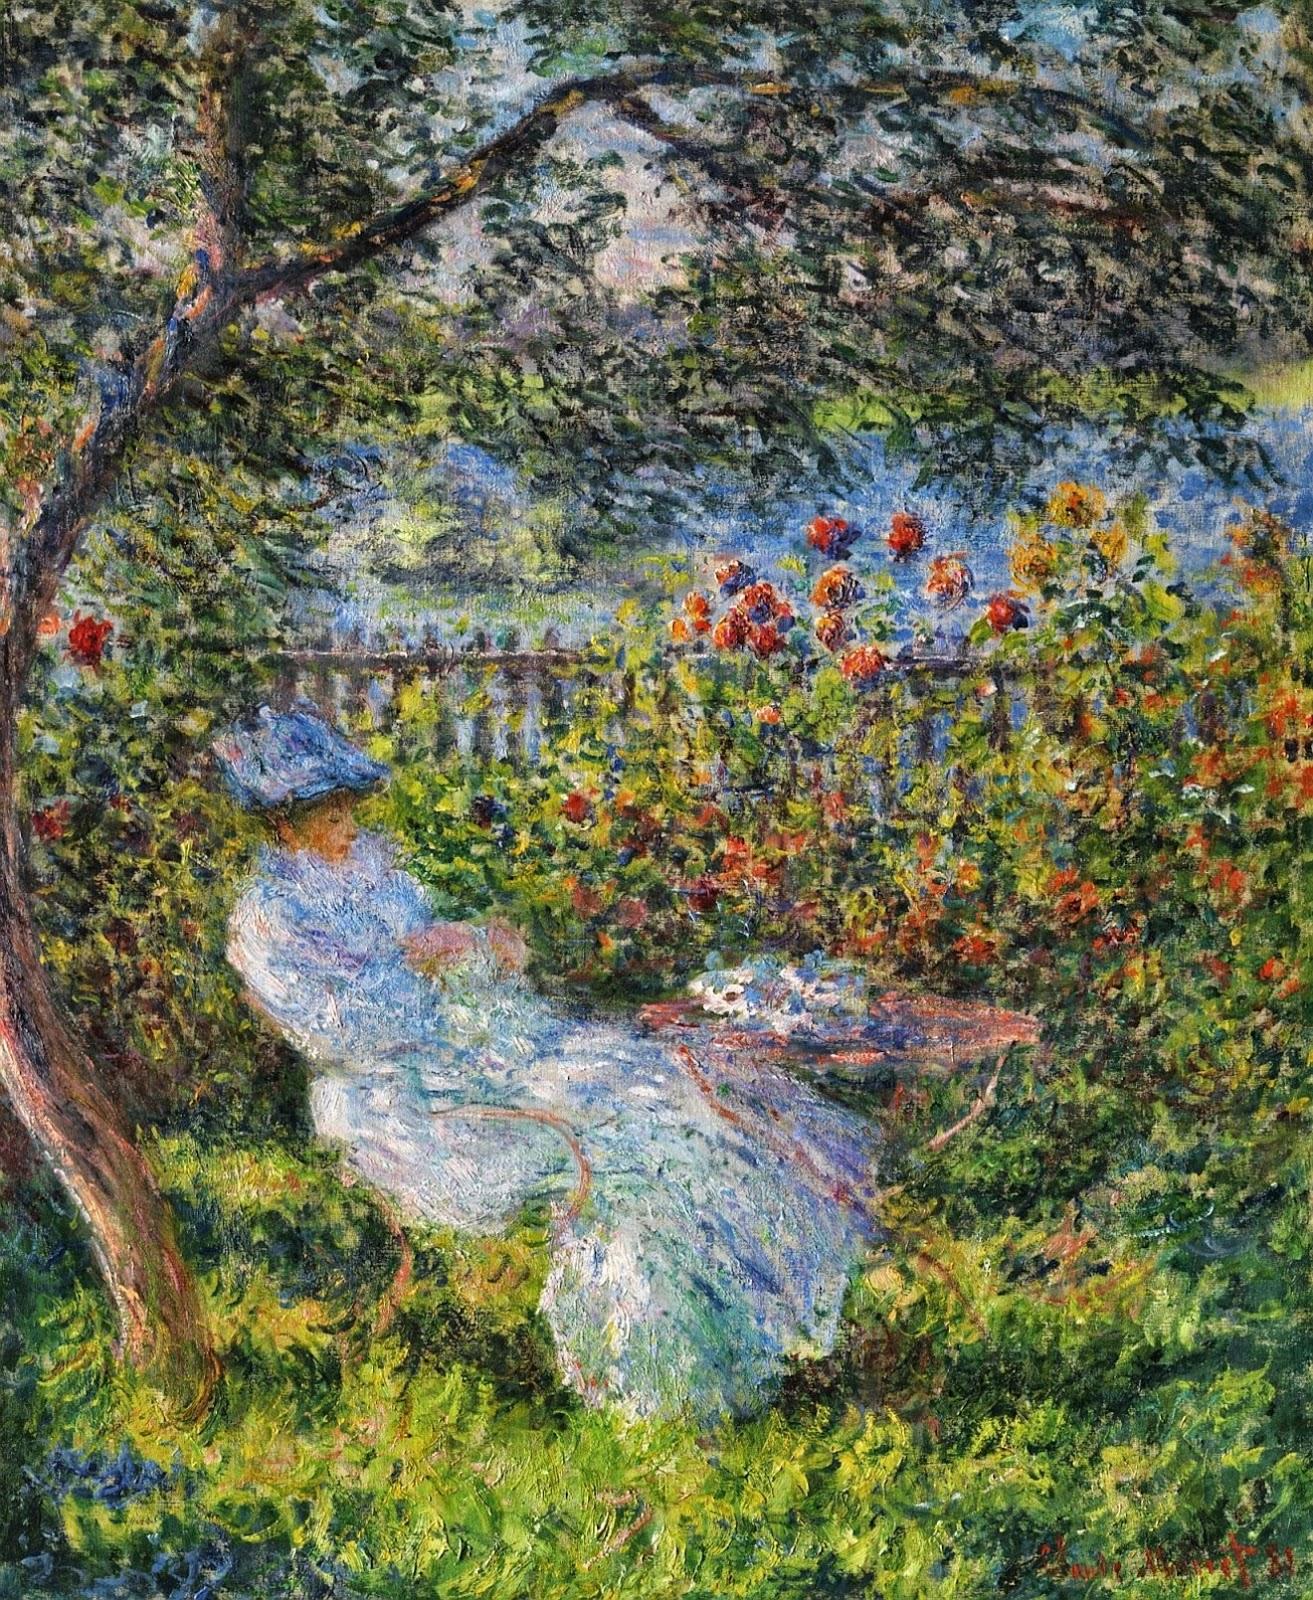 пейзаж < Алиса Ошеде в саду >:: Клод Моне, описание картины - Claude Monet фото